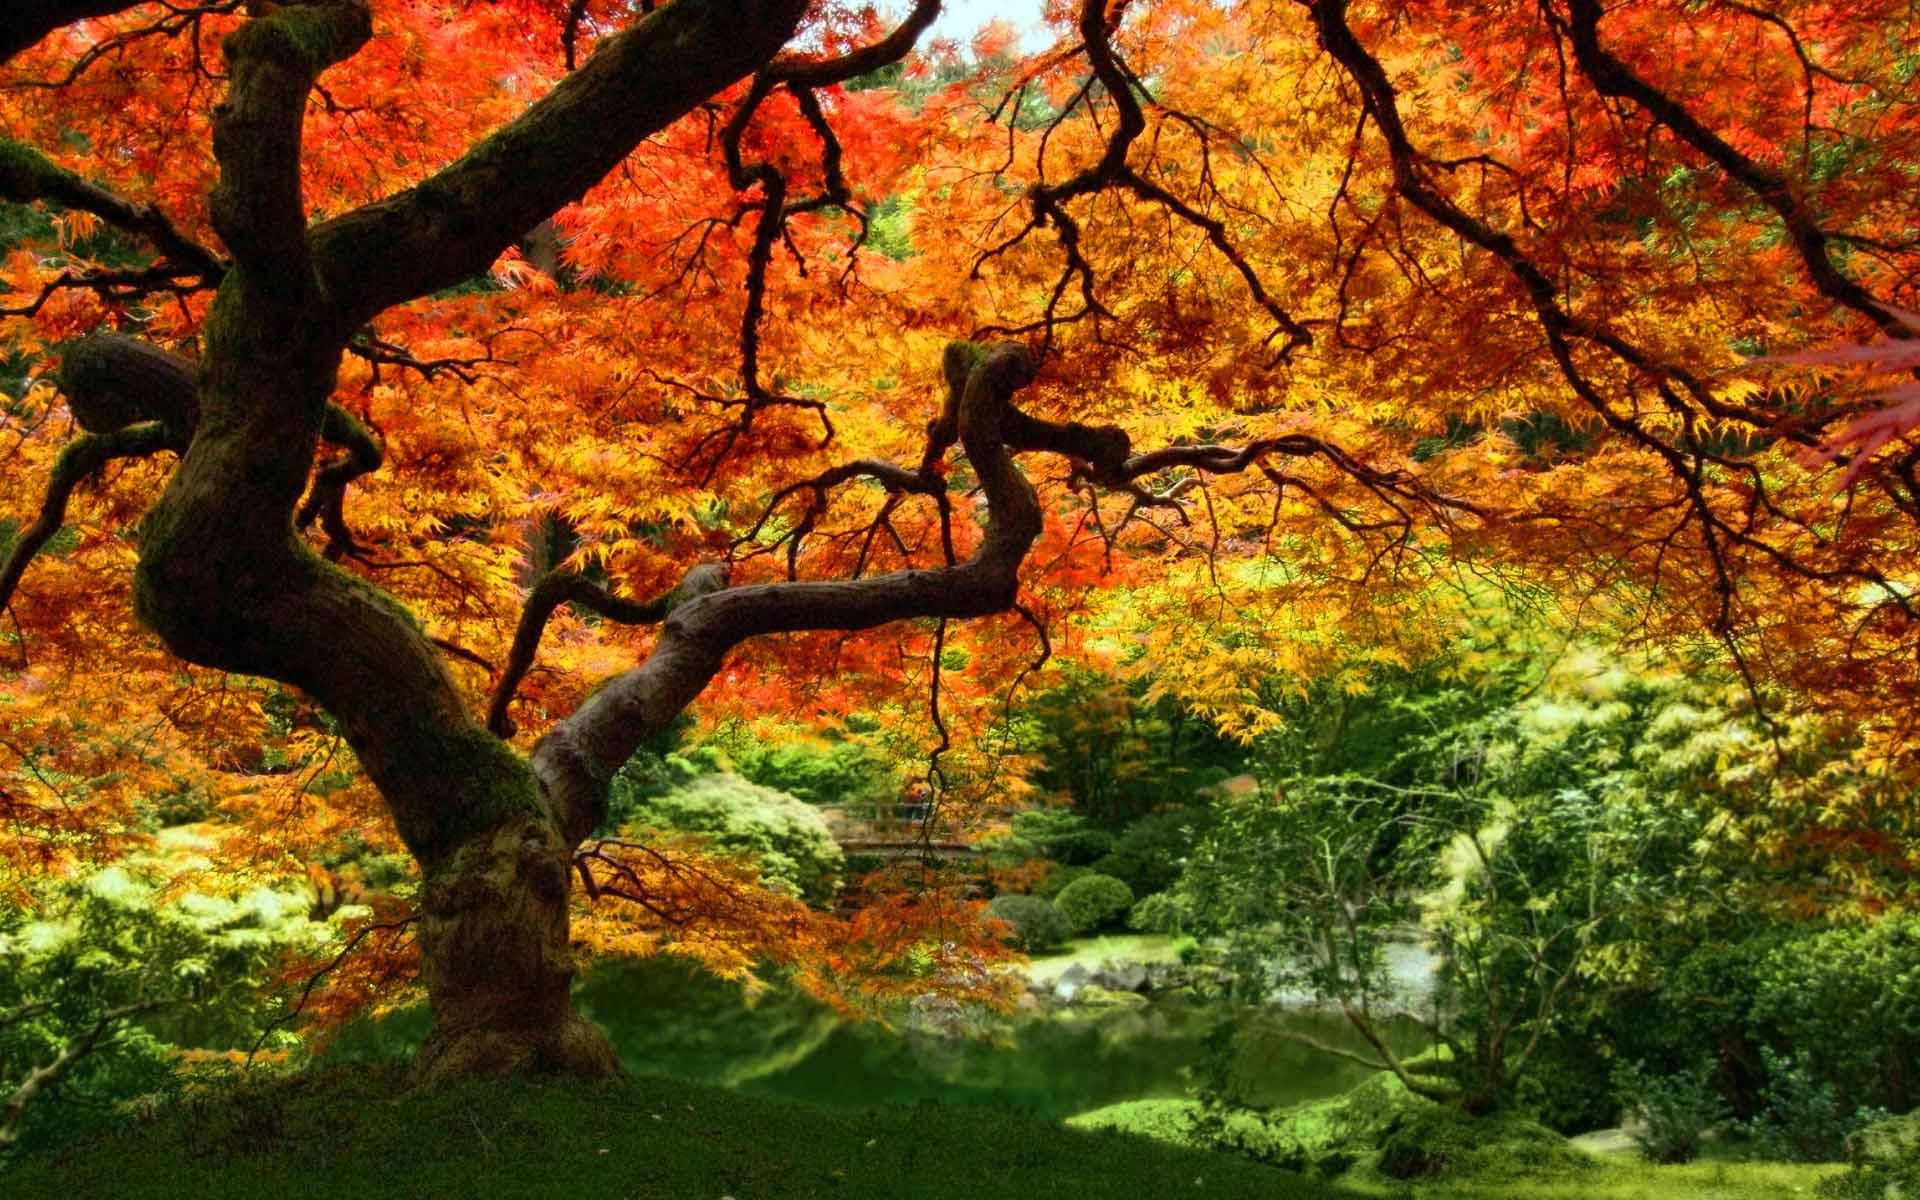 autumn wallpaper 007 free - photo #45